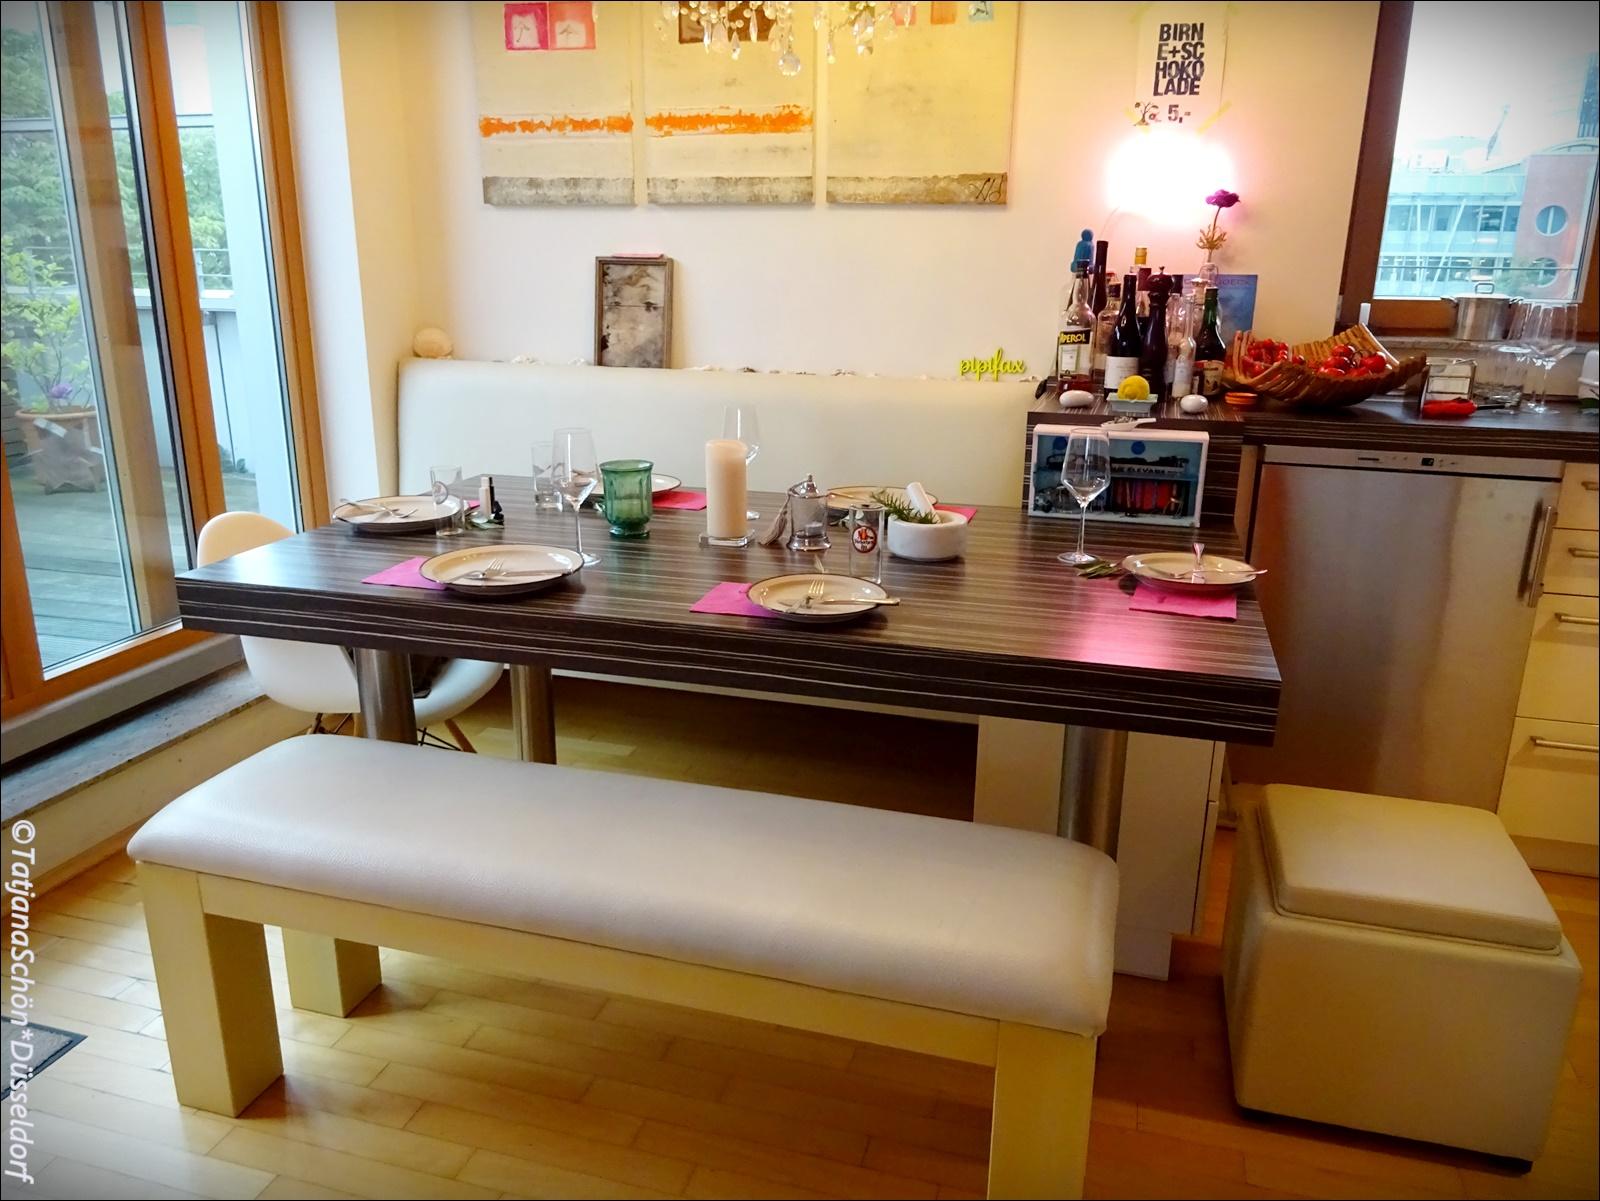 Нас принимали на кухне (так выглядит кухня мужчины, который готовит сам и увлечён современным искусством)